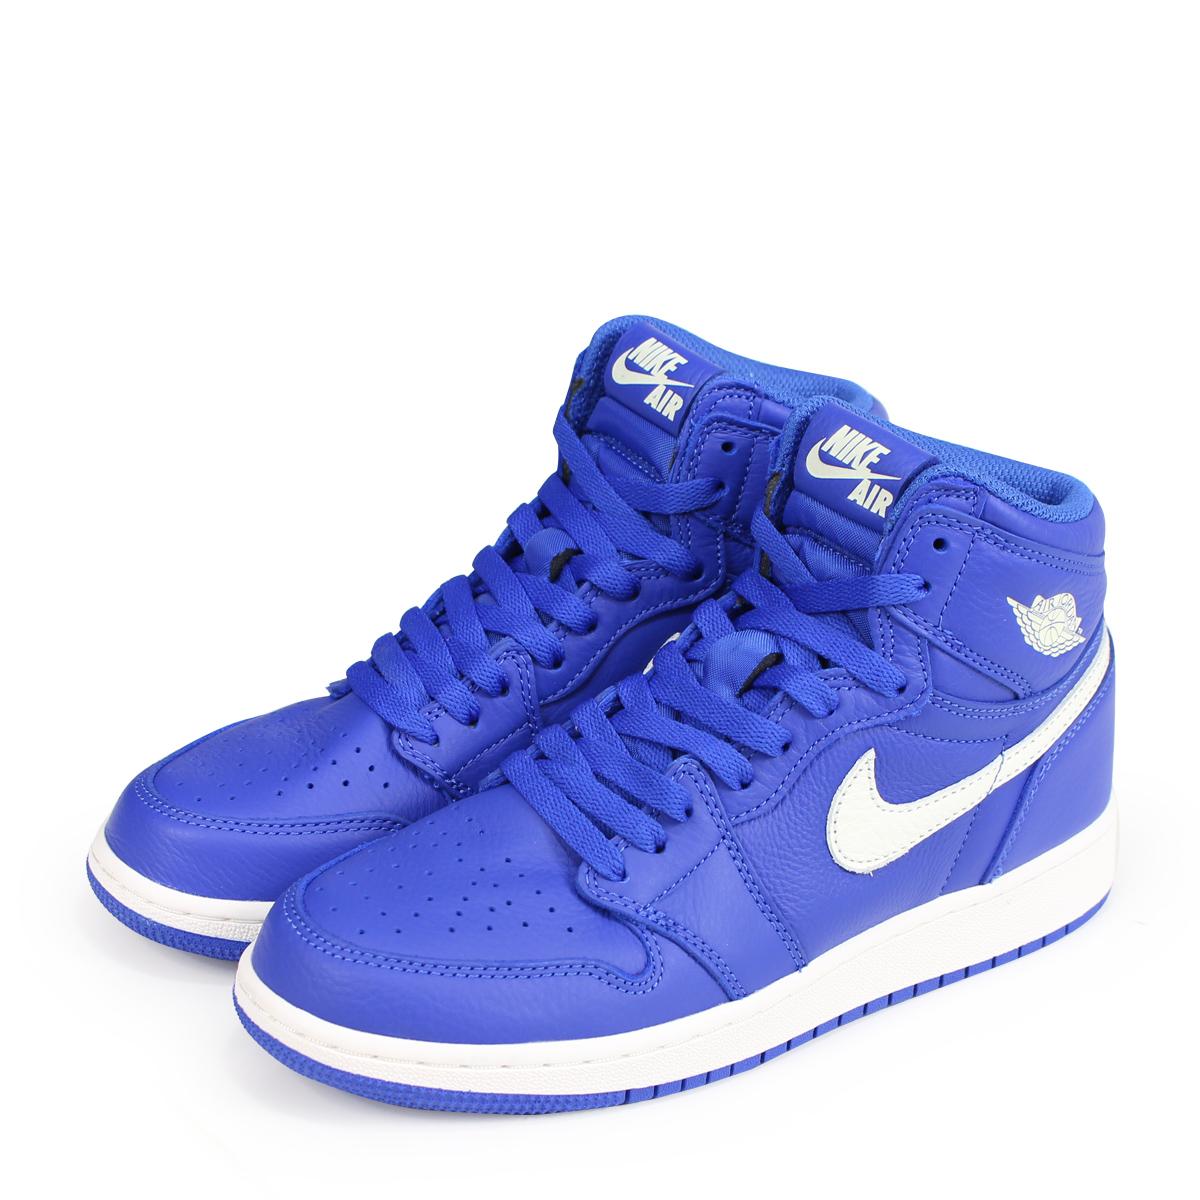 94baf443a10 NIKE AIR JORDAN 1 RETRO HIGH OG BG Nike Air Jordan 1 nostalgic Haile Dis  sneakers ...